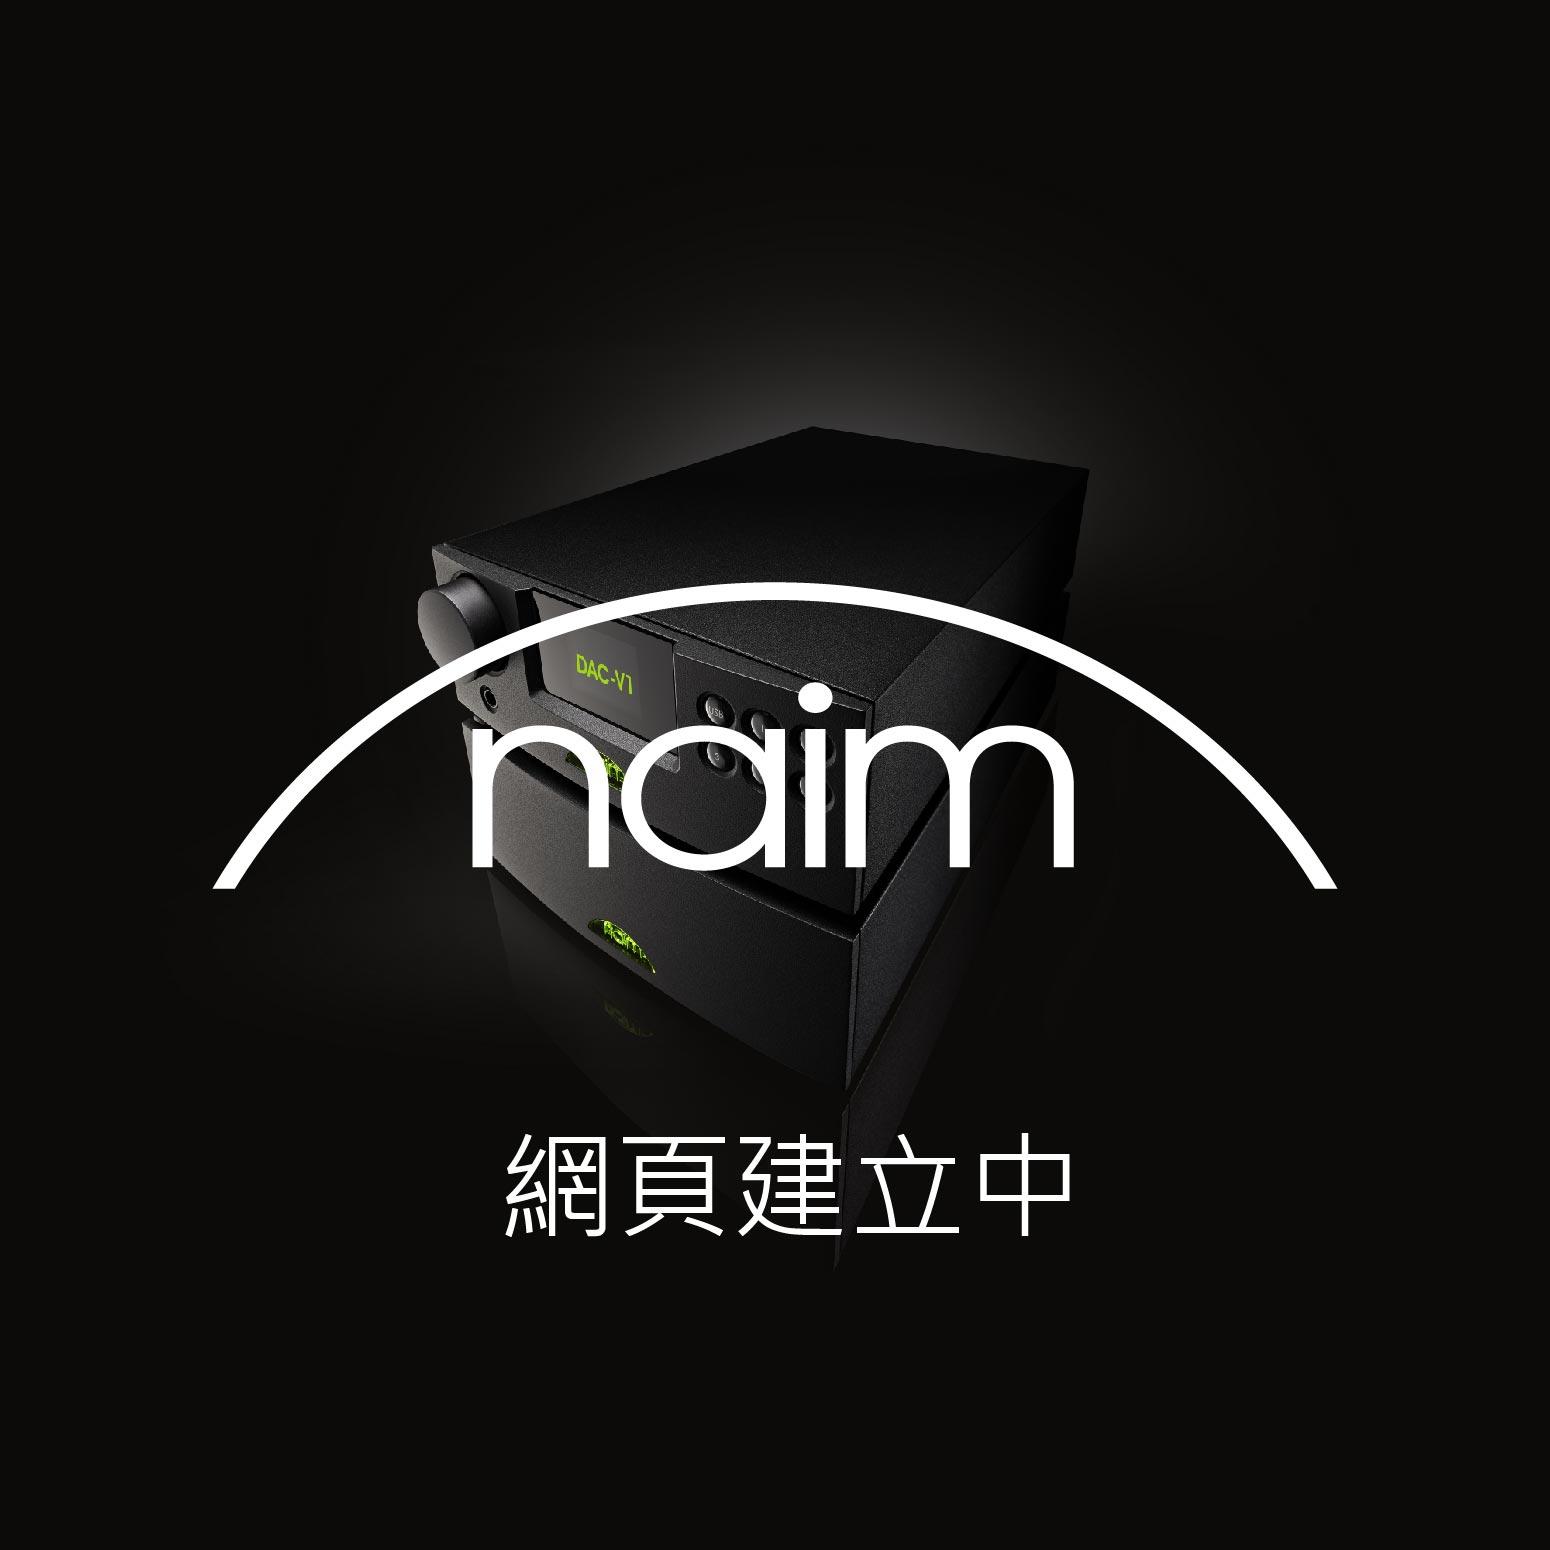 NAIM-02-01